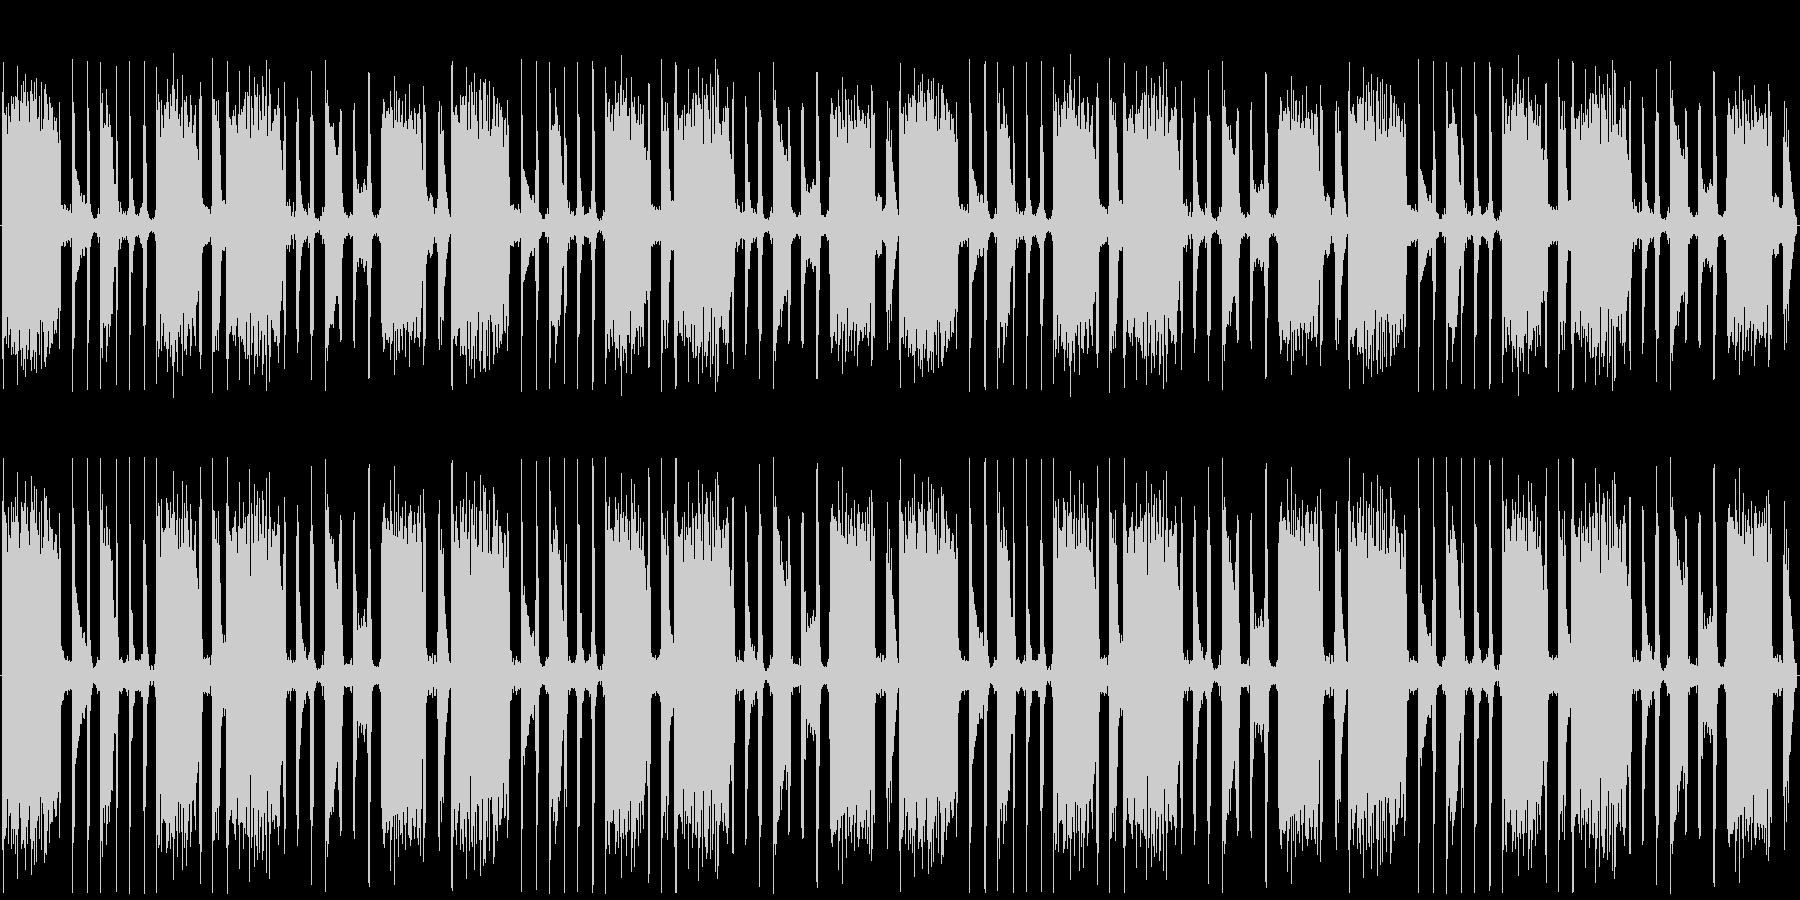 【軽快/ギター/カッティング/ポップス】の未再生の波形